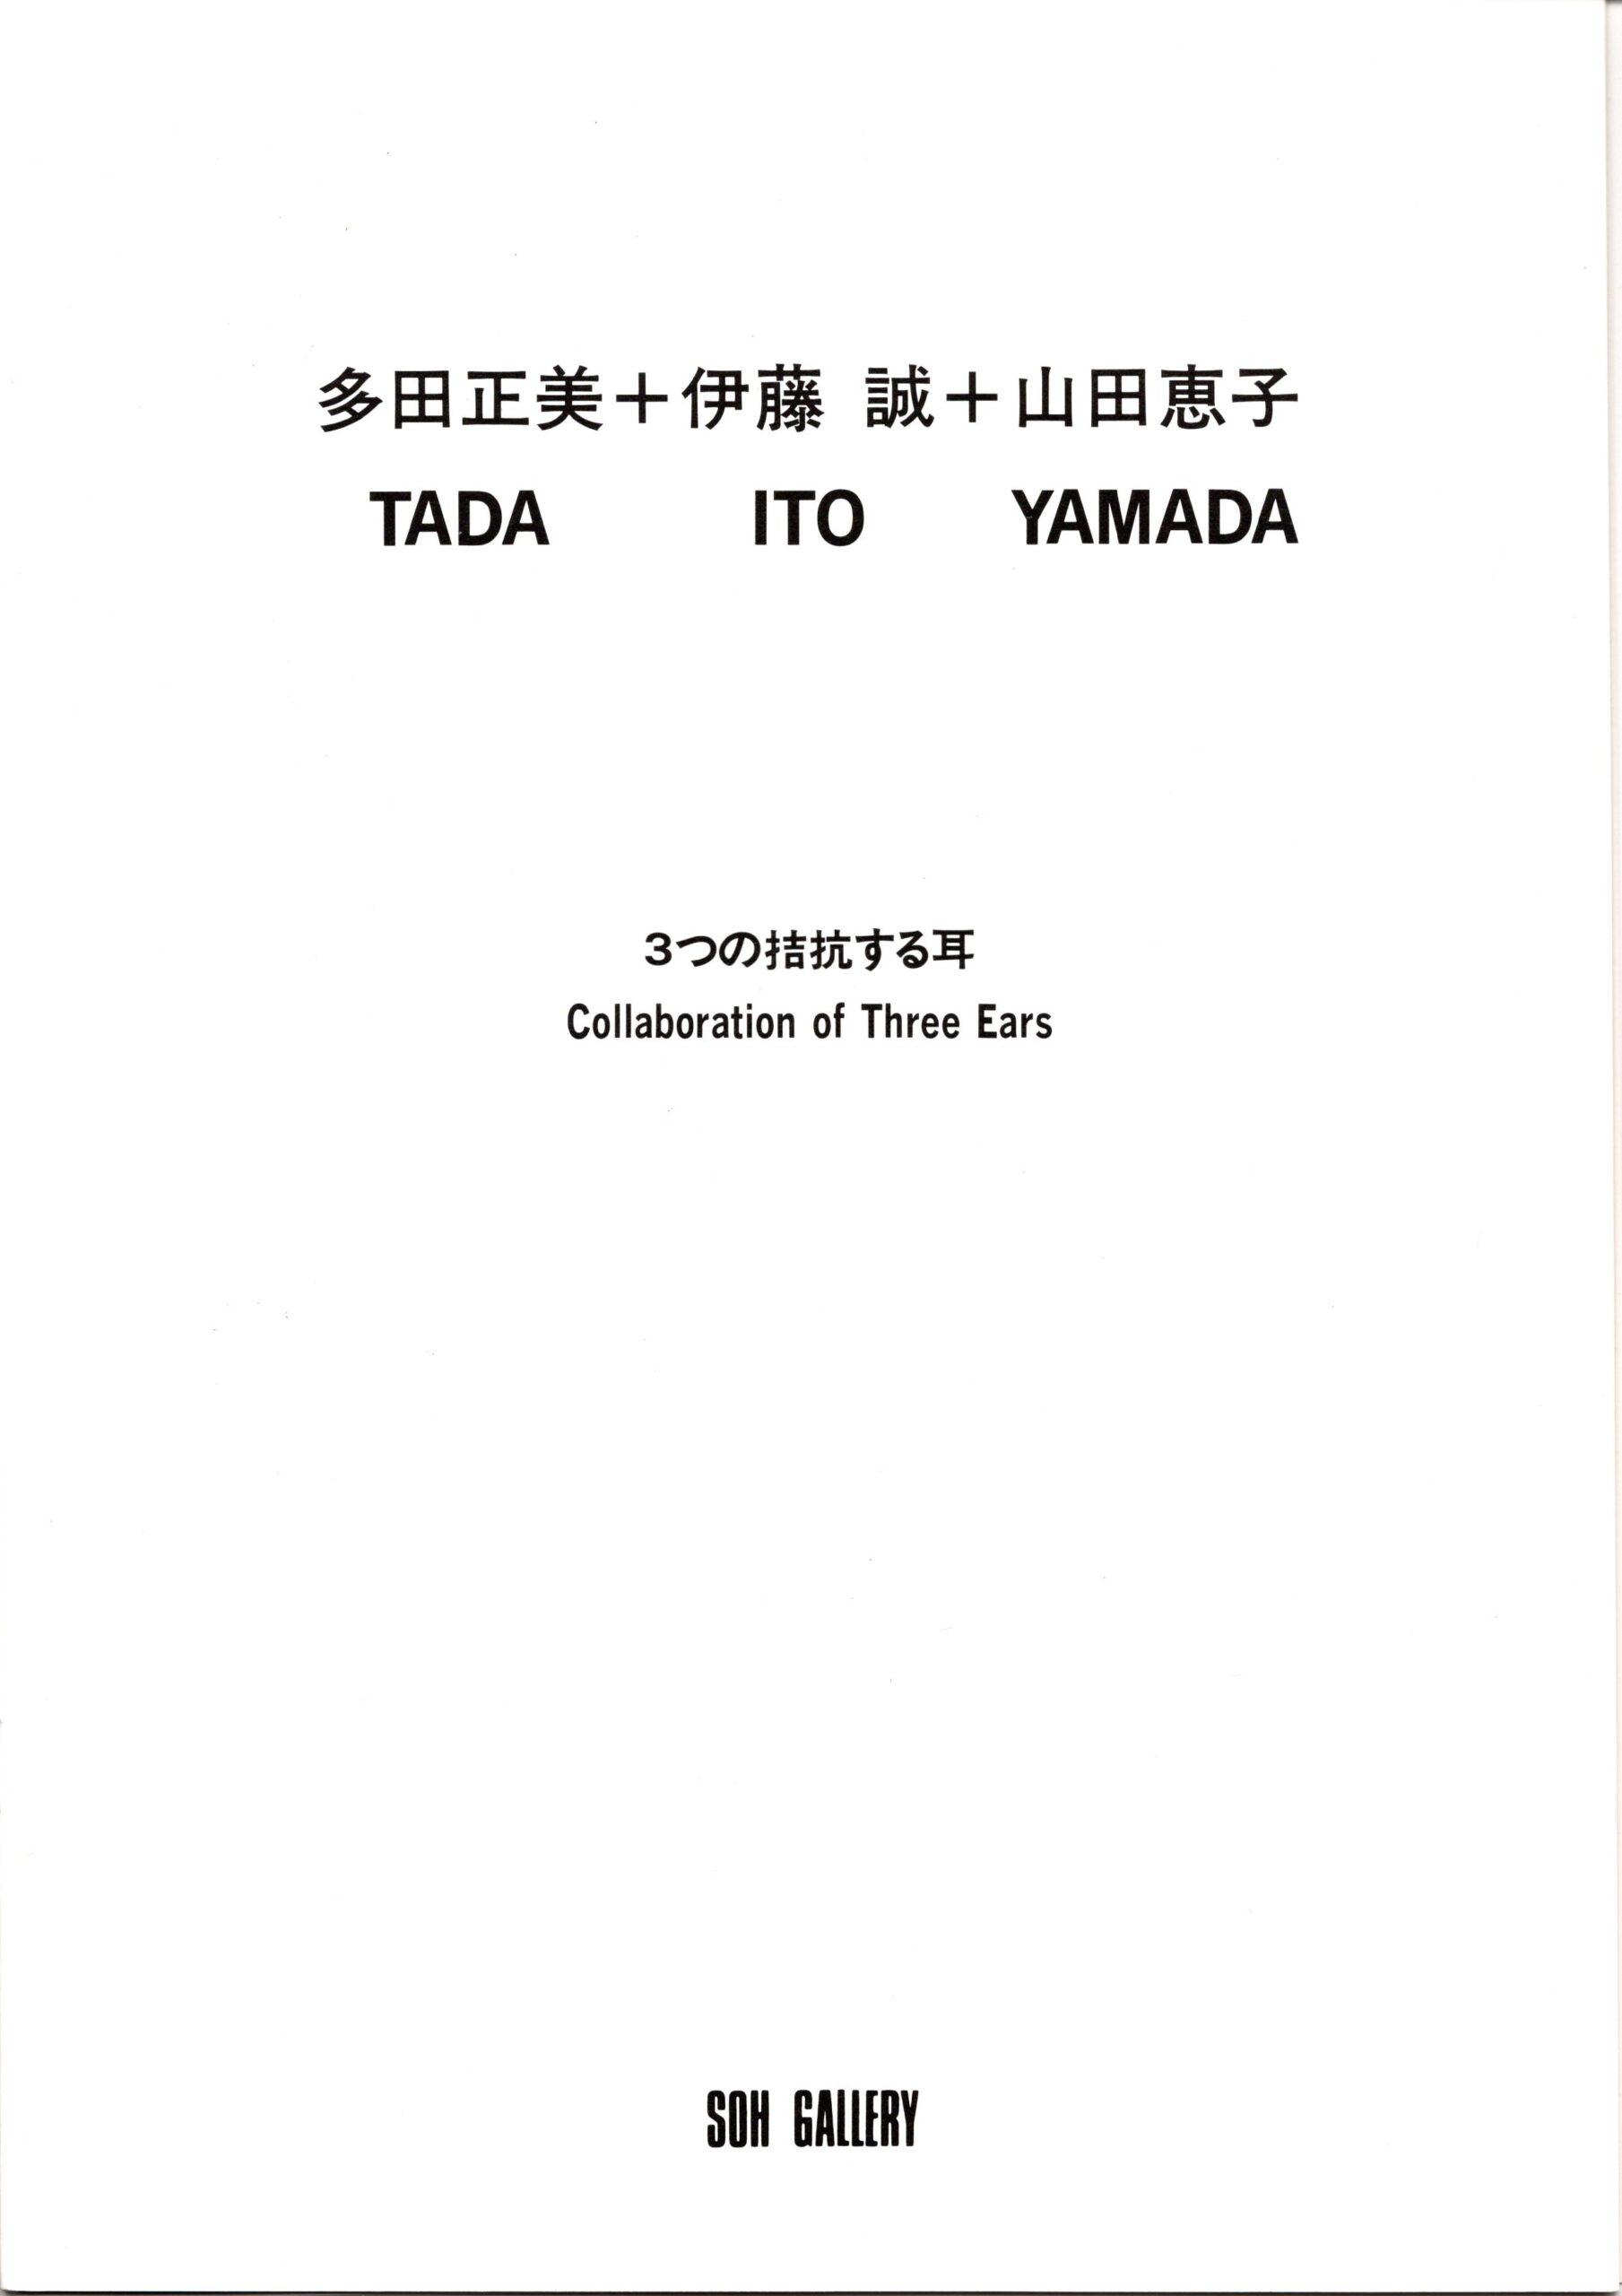 3つの拮抗する耳 多田正美+伊藤誠+山田恵子